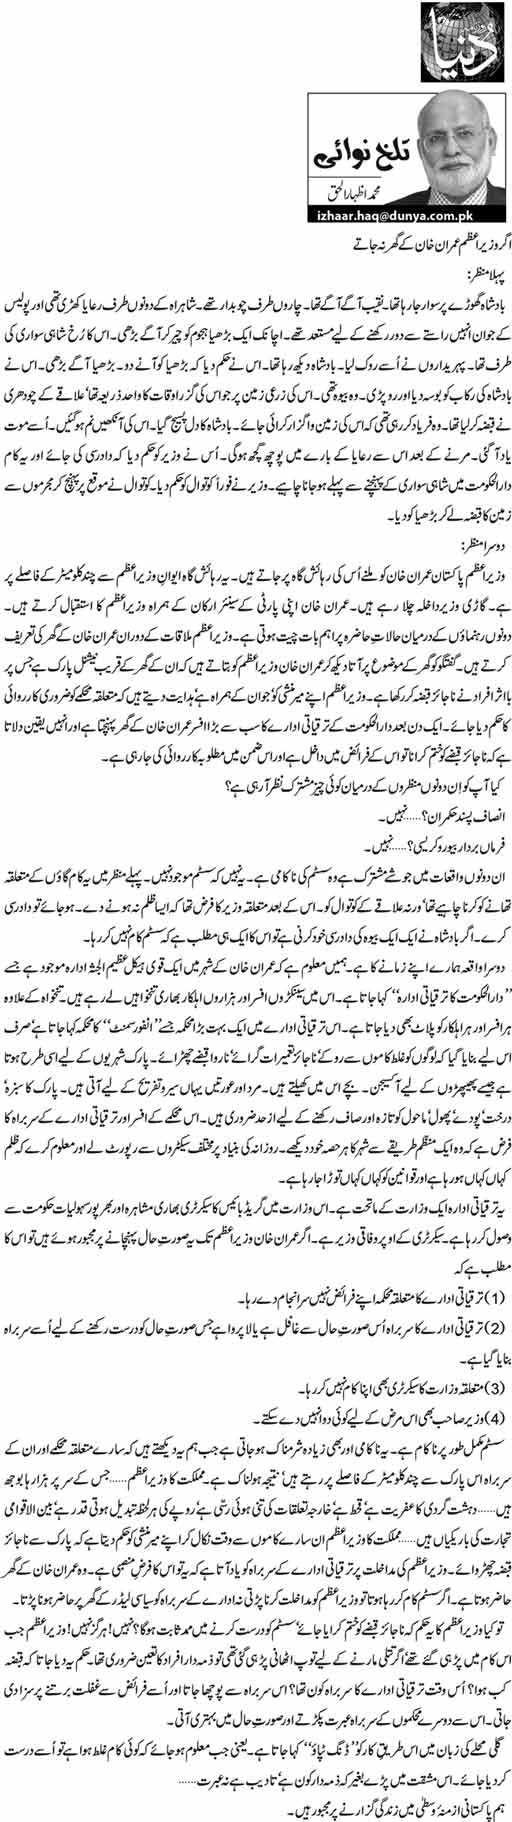 Agar Wazir e Azam Imran Khan Ky Ghar Na Jaty - M. Izhar ul Haq